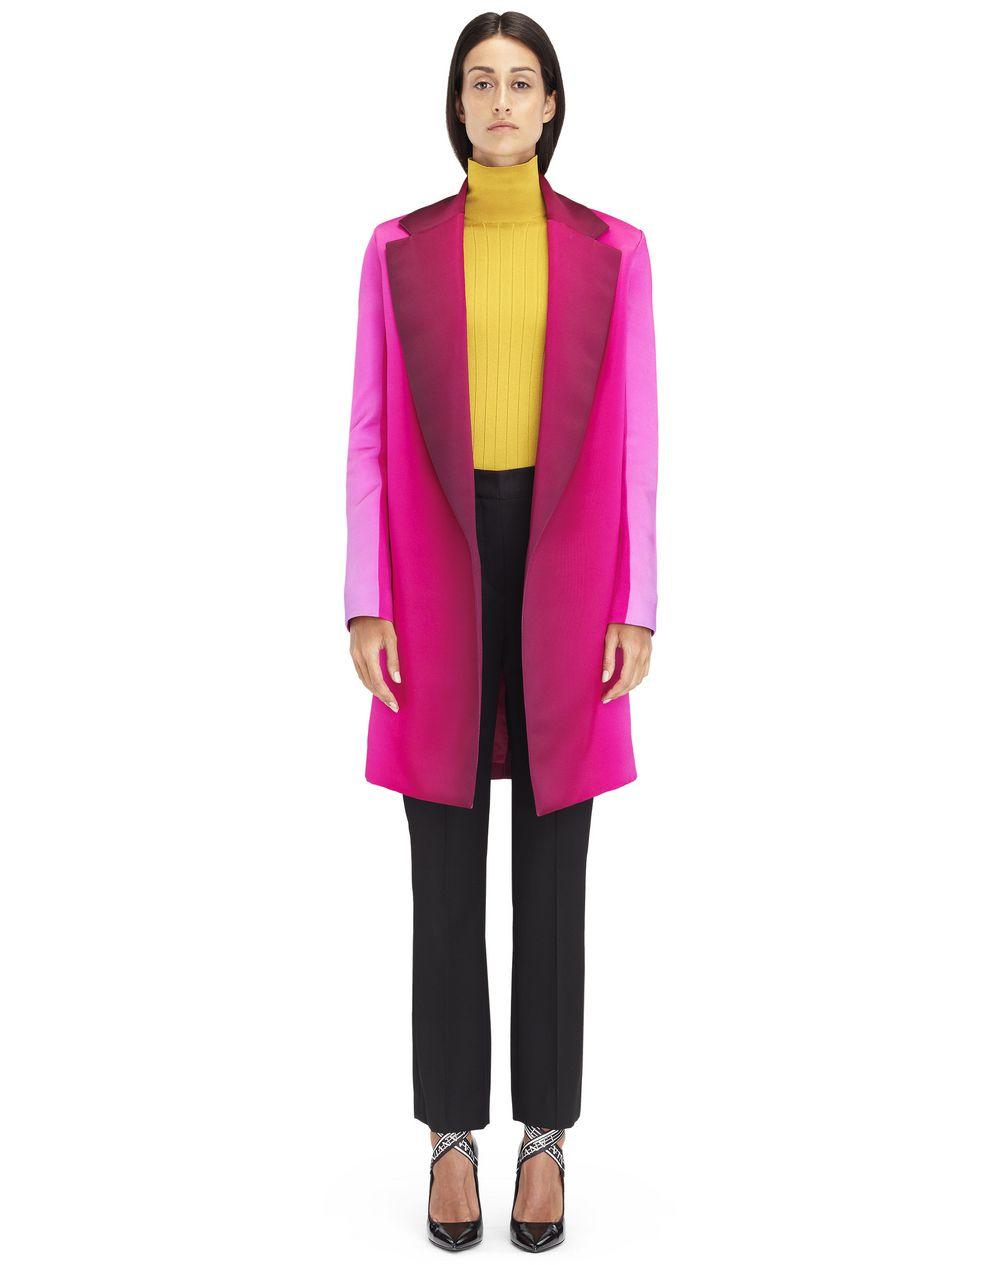 Manteau droit à manches longues en satin cuir imprimé Lanvin – Prix €2 990